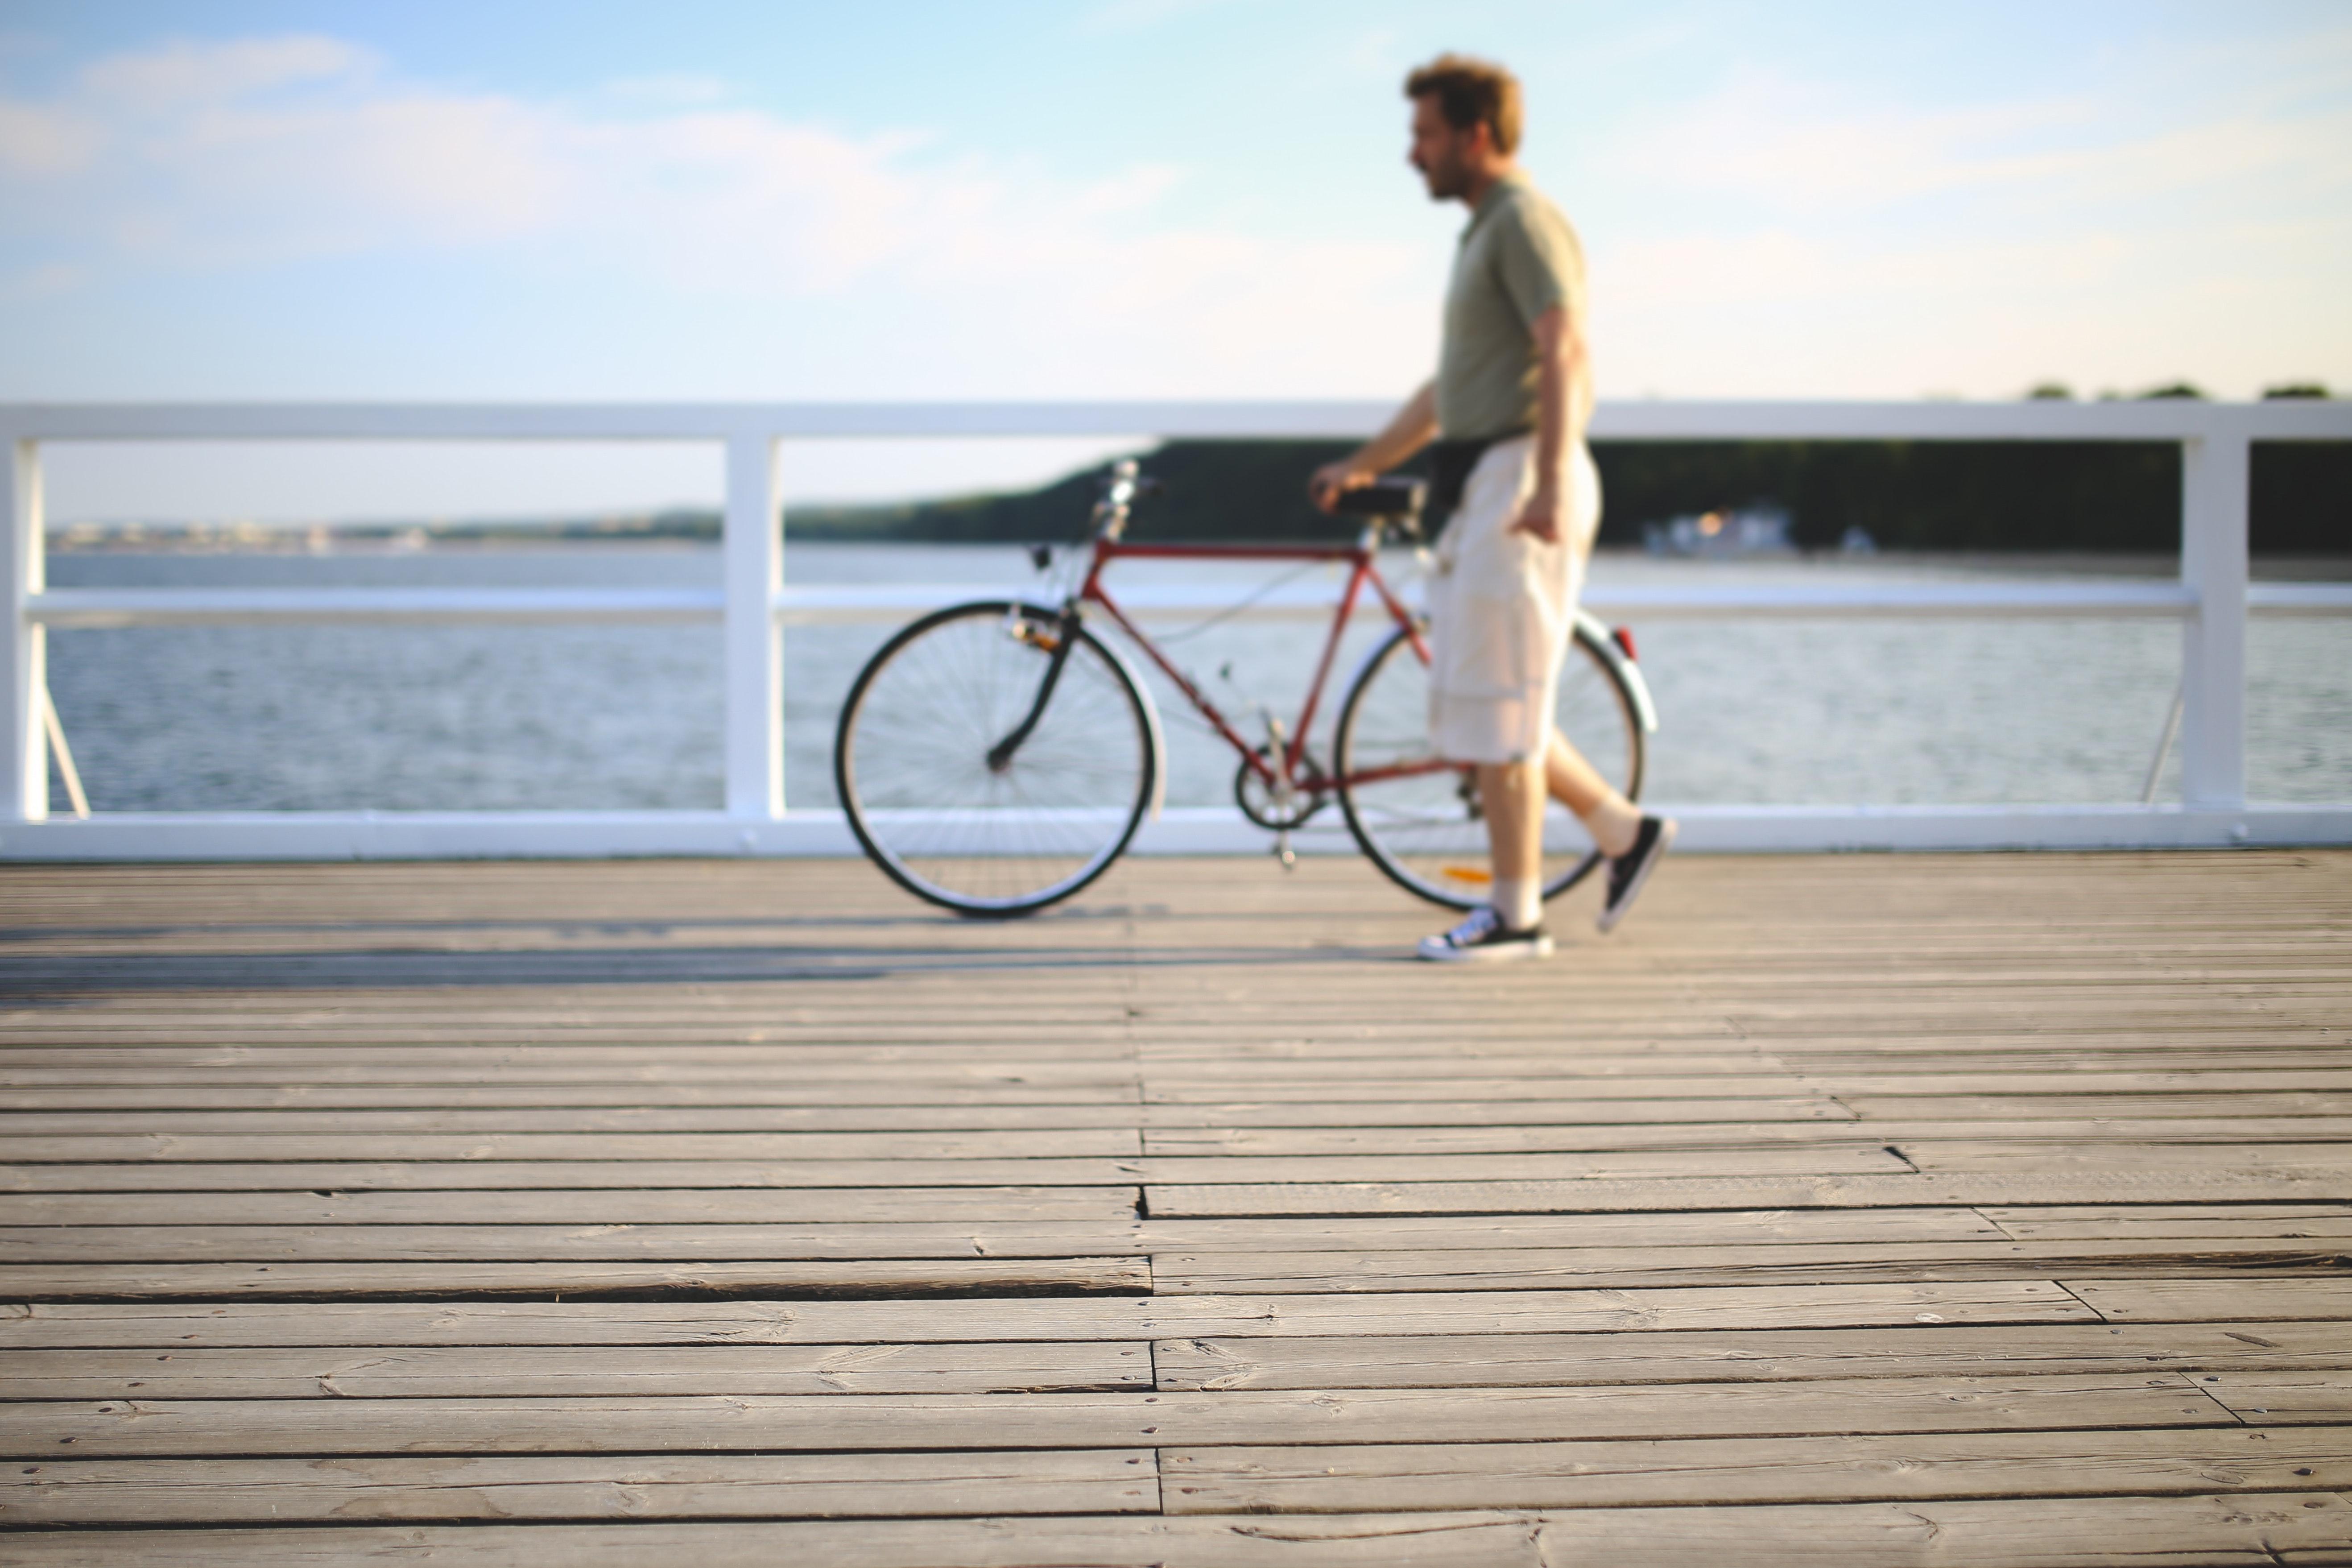 bicycle-bike-man-6001